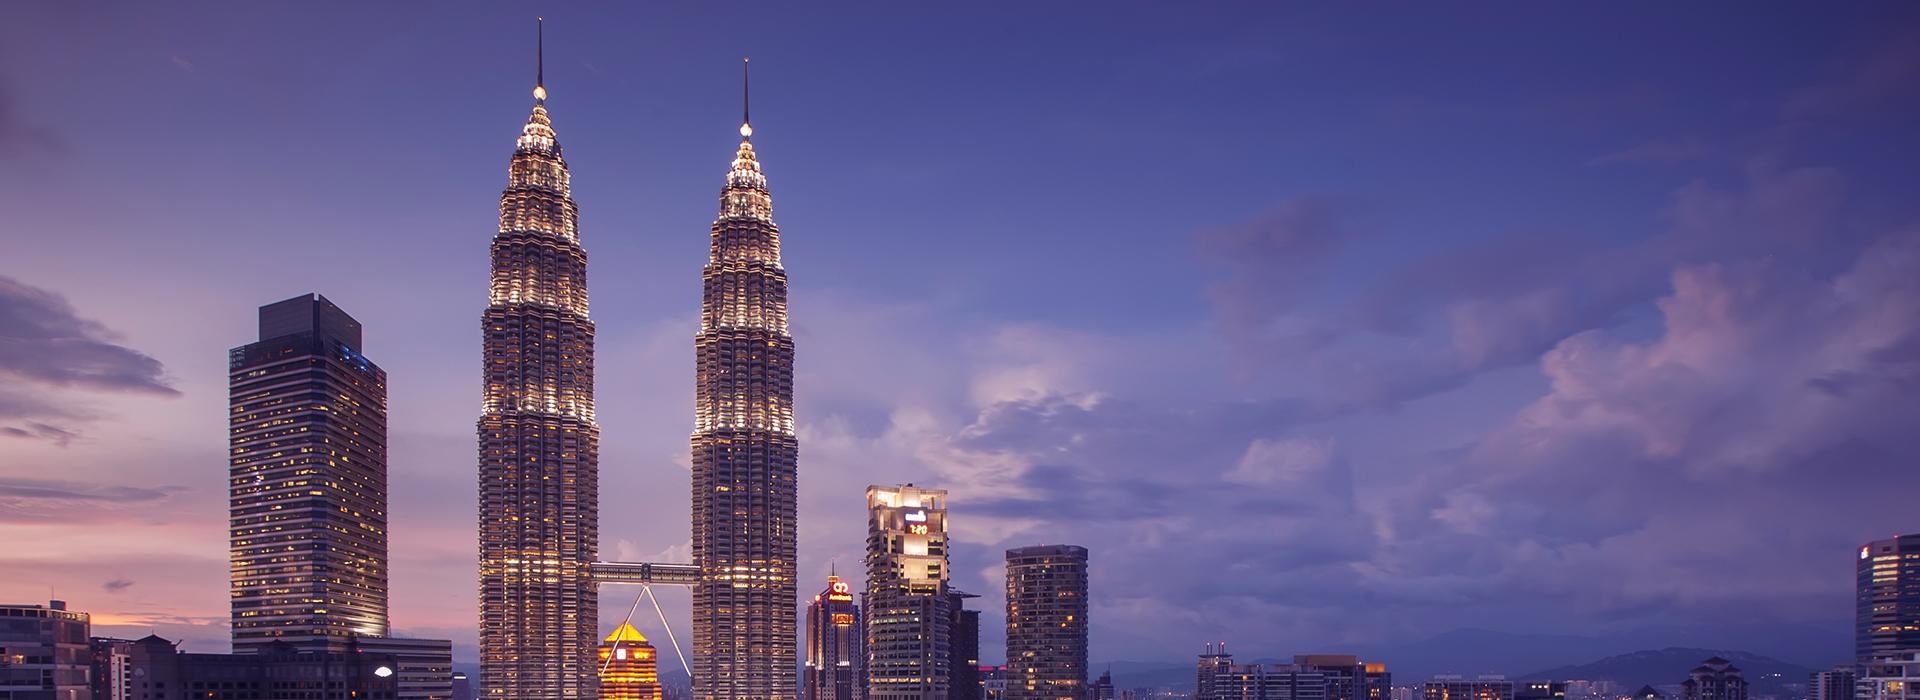 马来西亚双子塔修图|摄影|环境/建筑|不忘初心coy